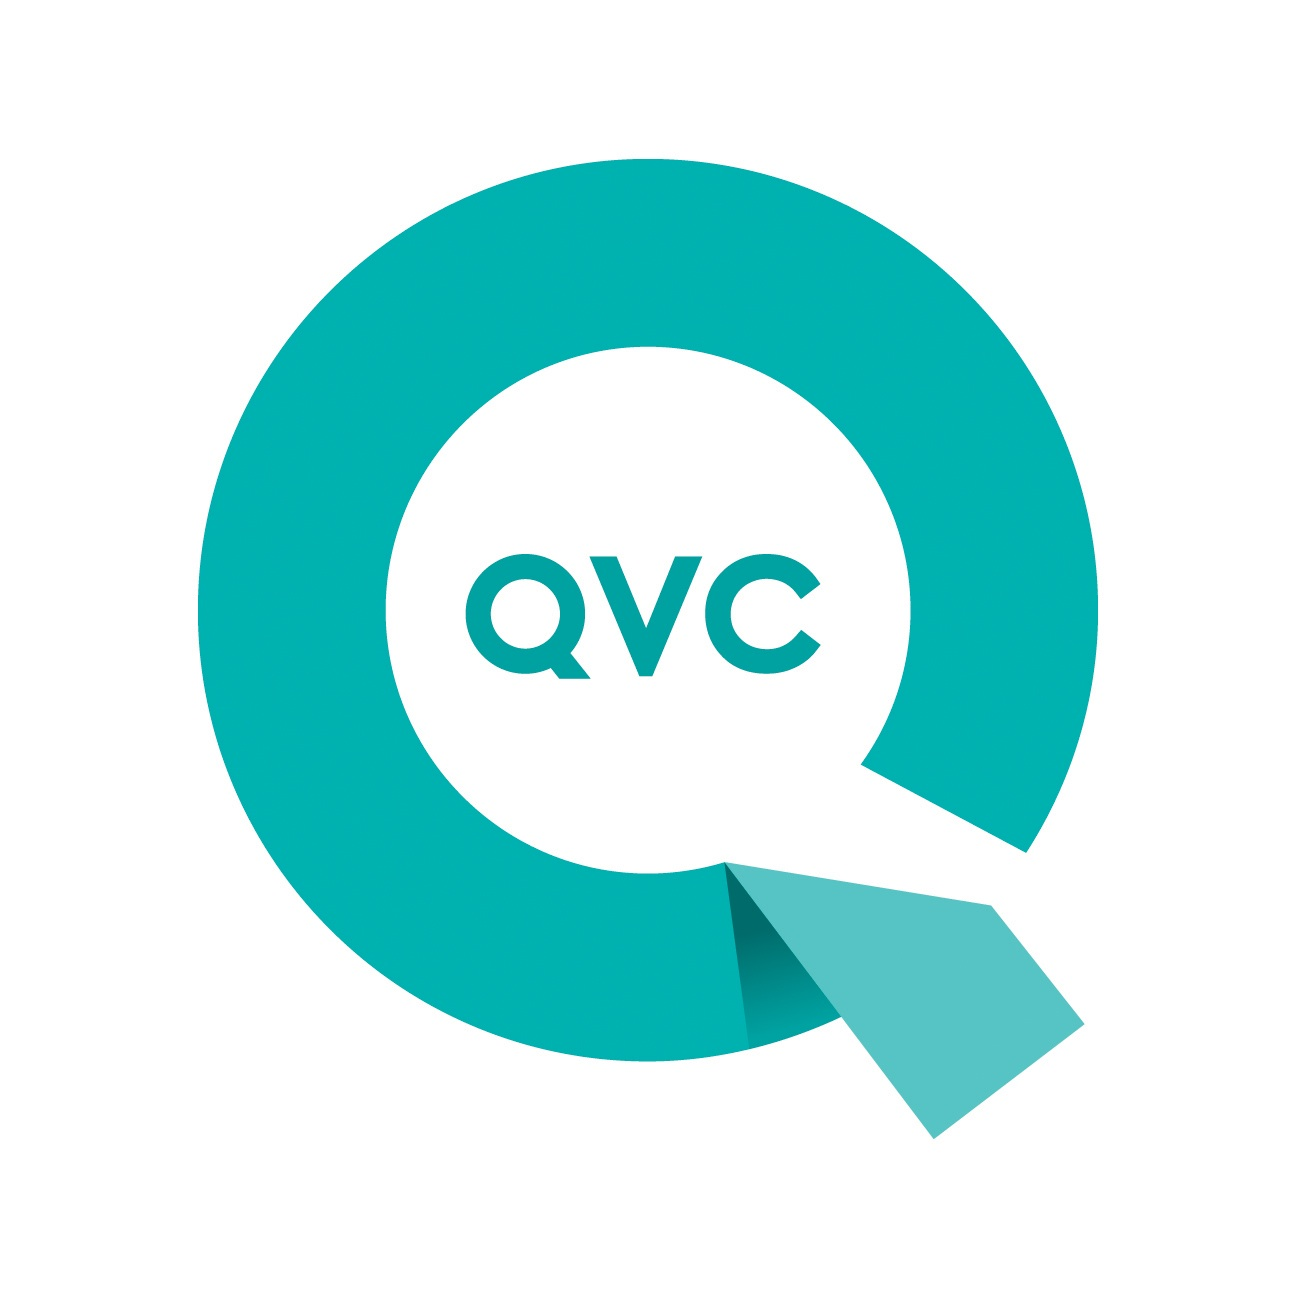 QVCチャンネルで2時間以上の放送事故が発生中! Webサイトも404エラーで見られず